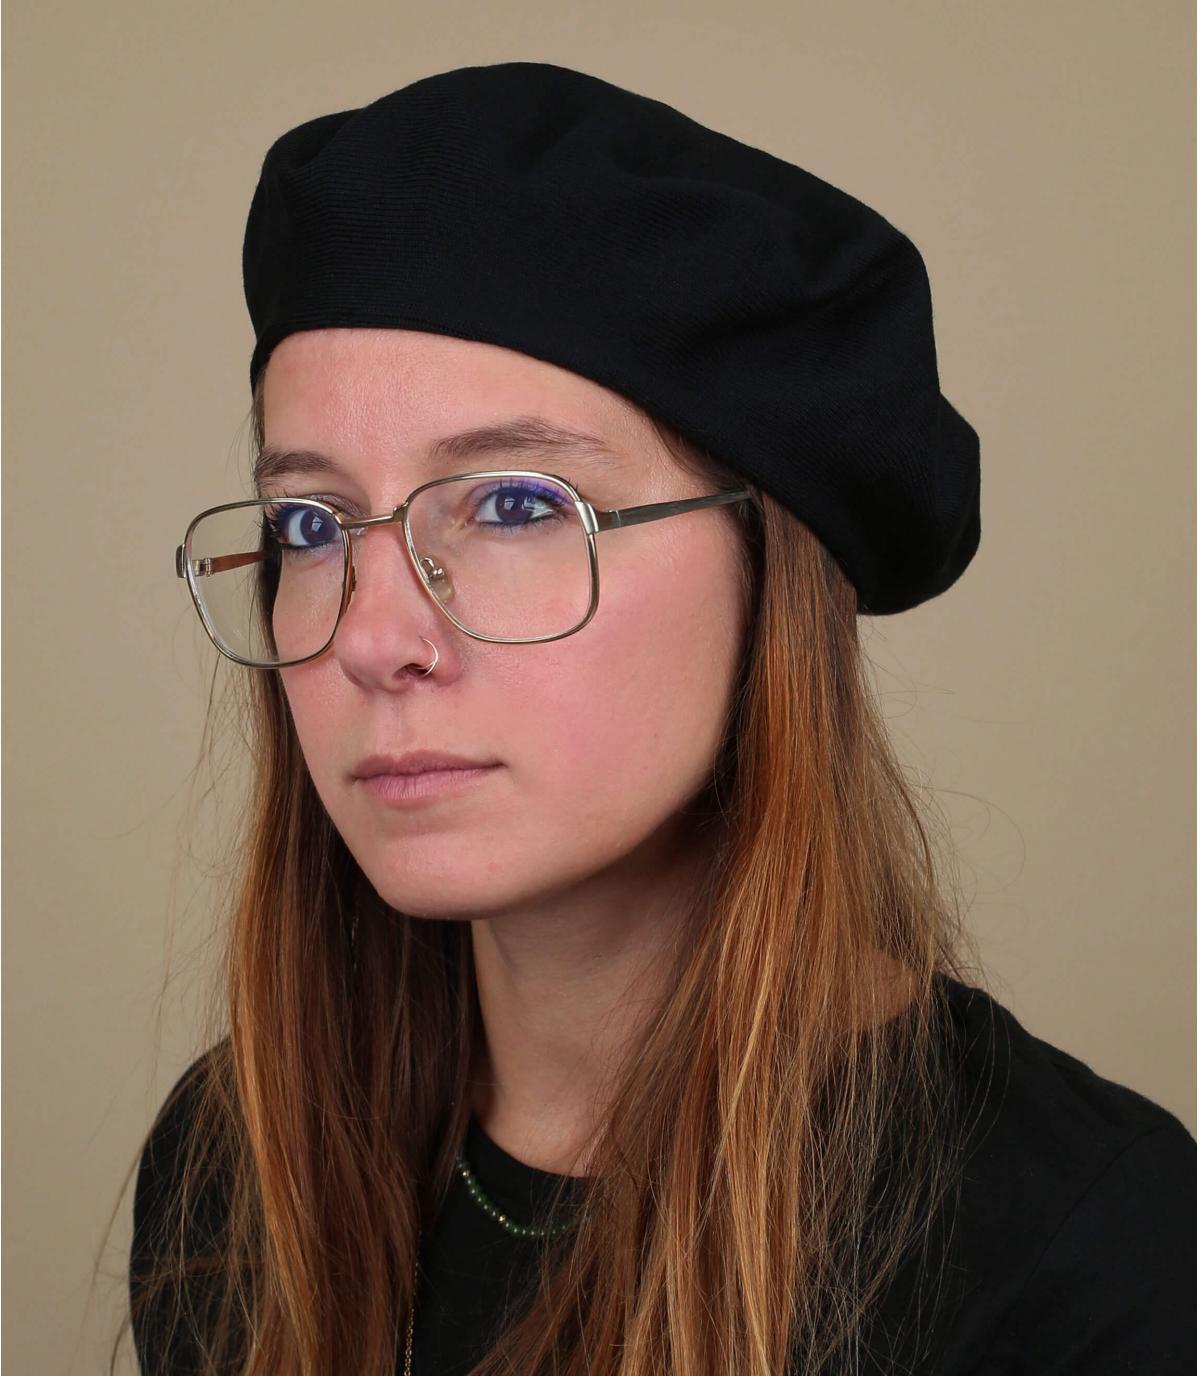 zwarte katoenen baret